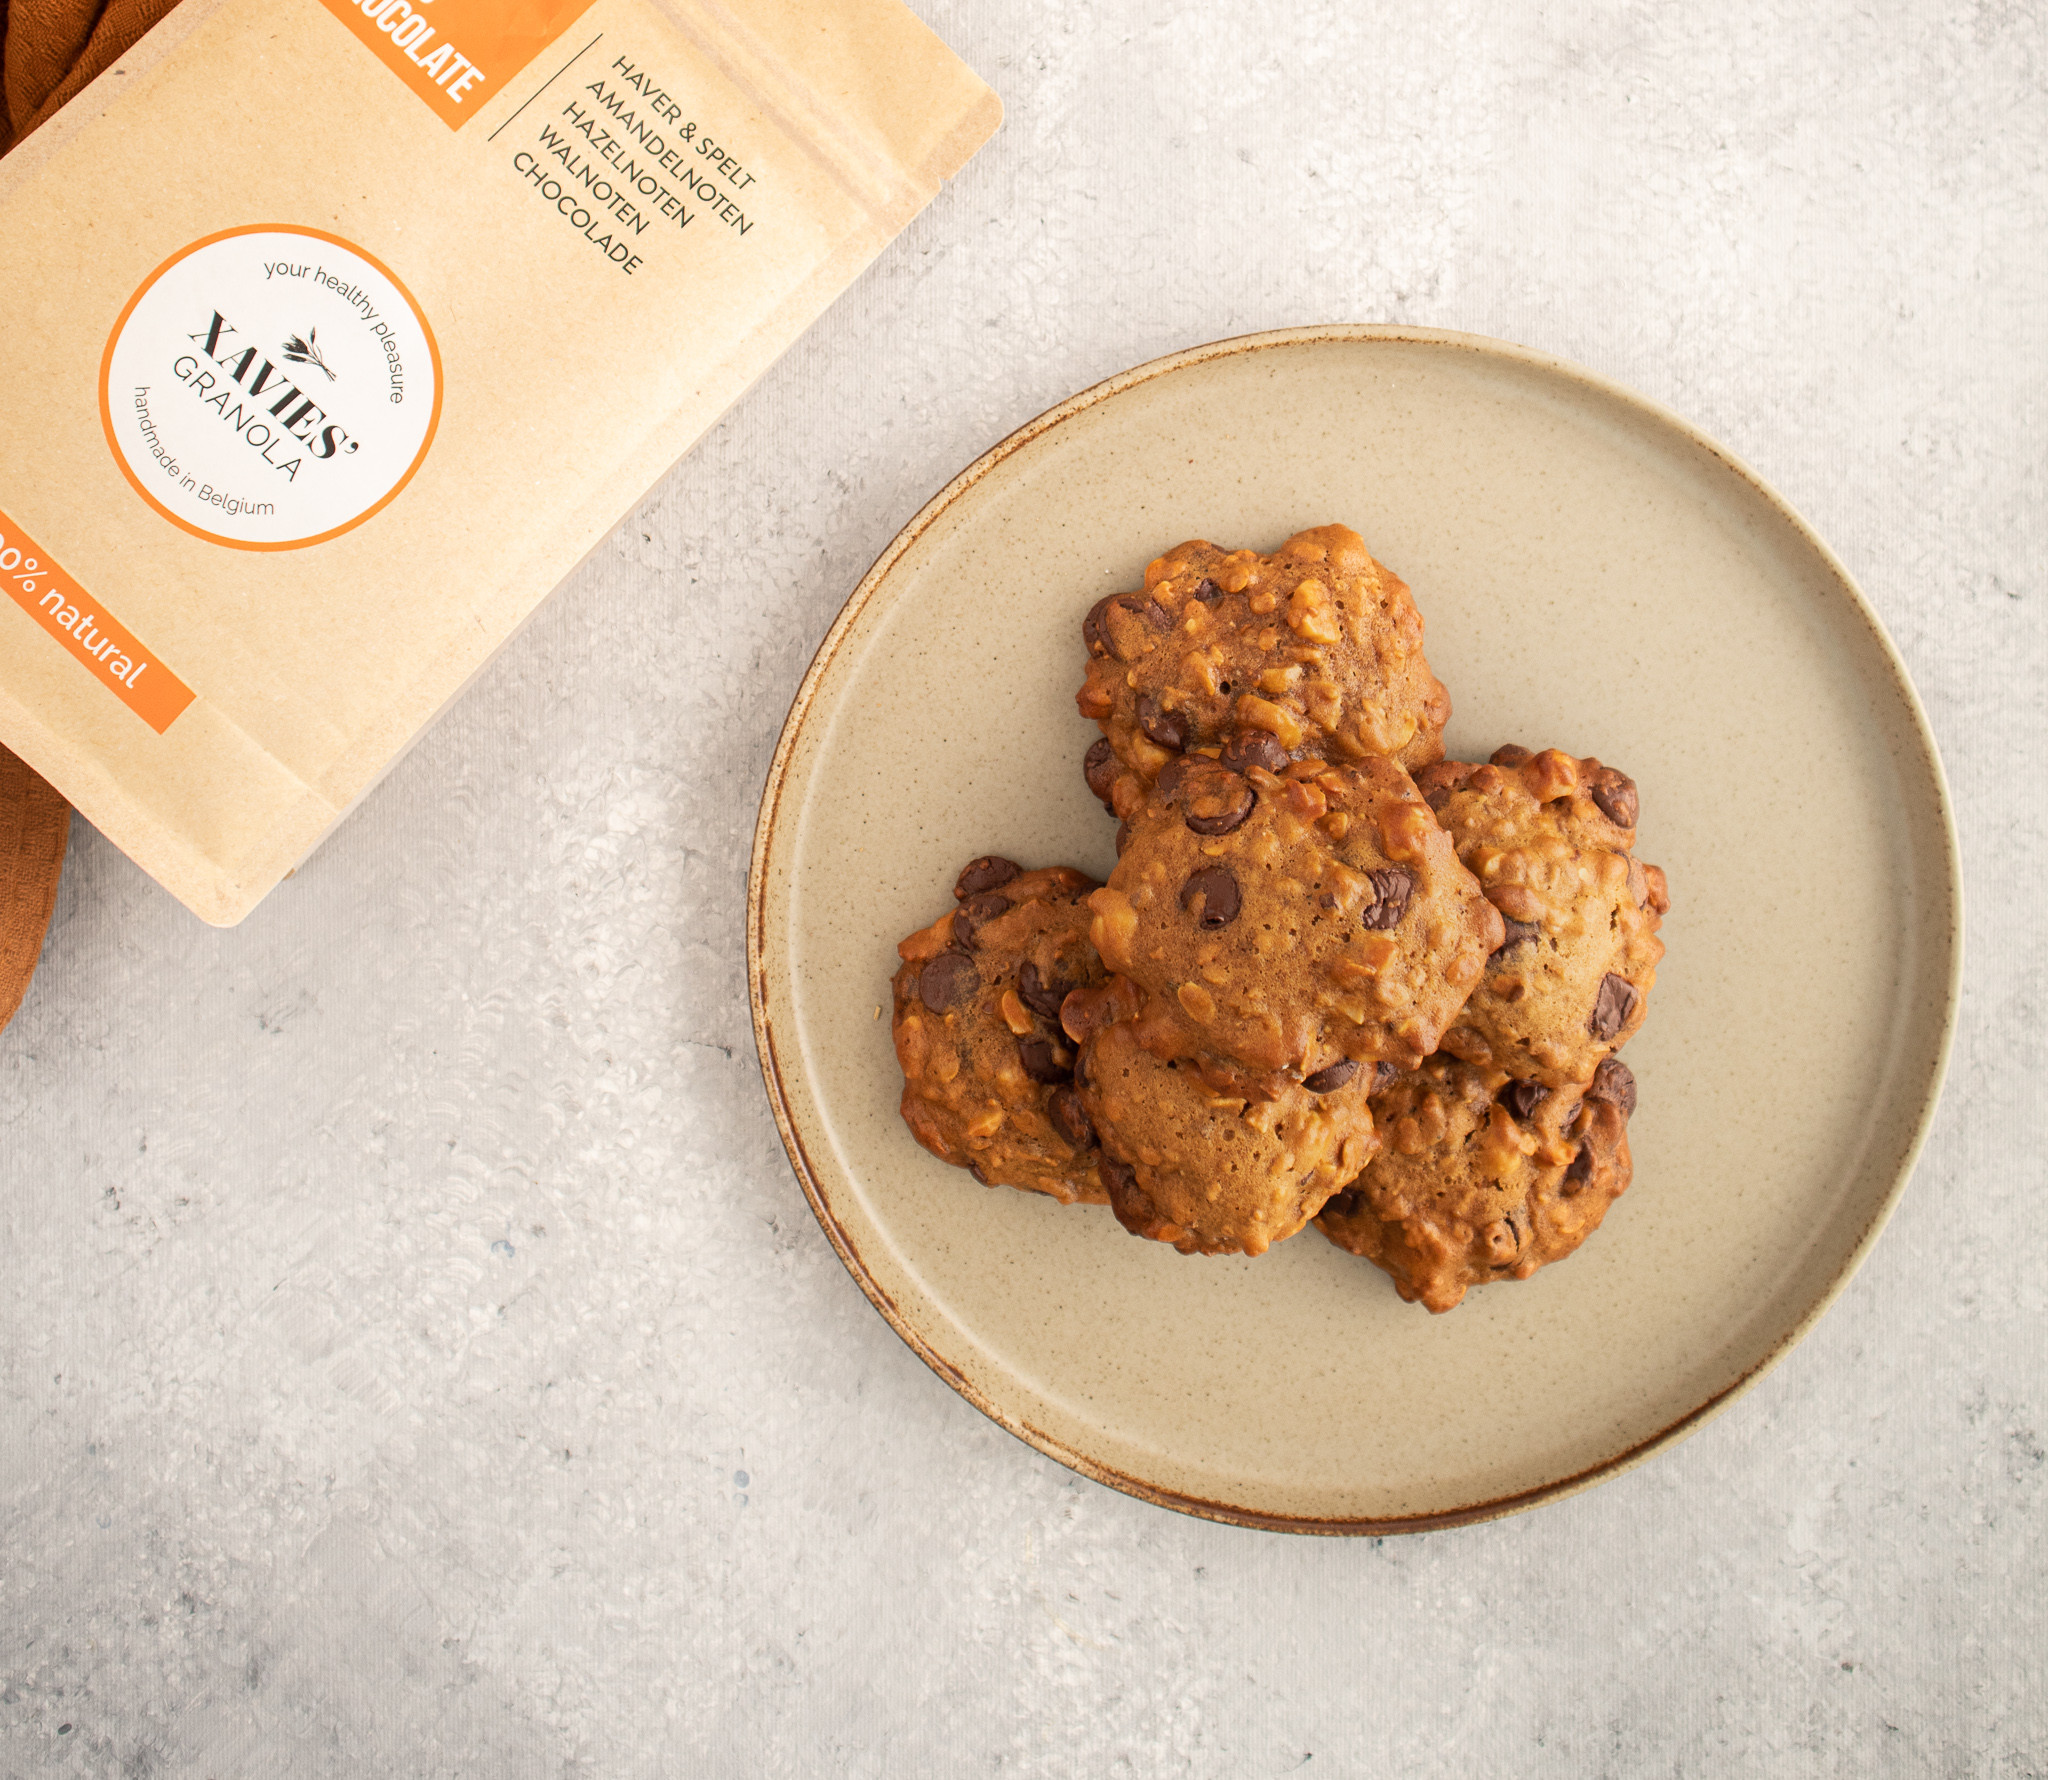 XAVIES' Granola chocolate chip cookies